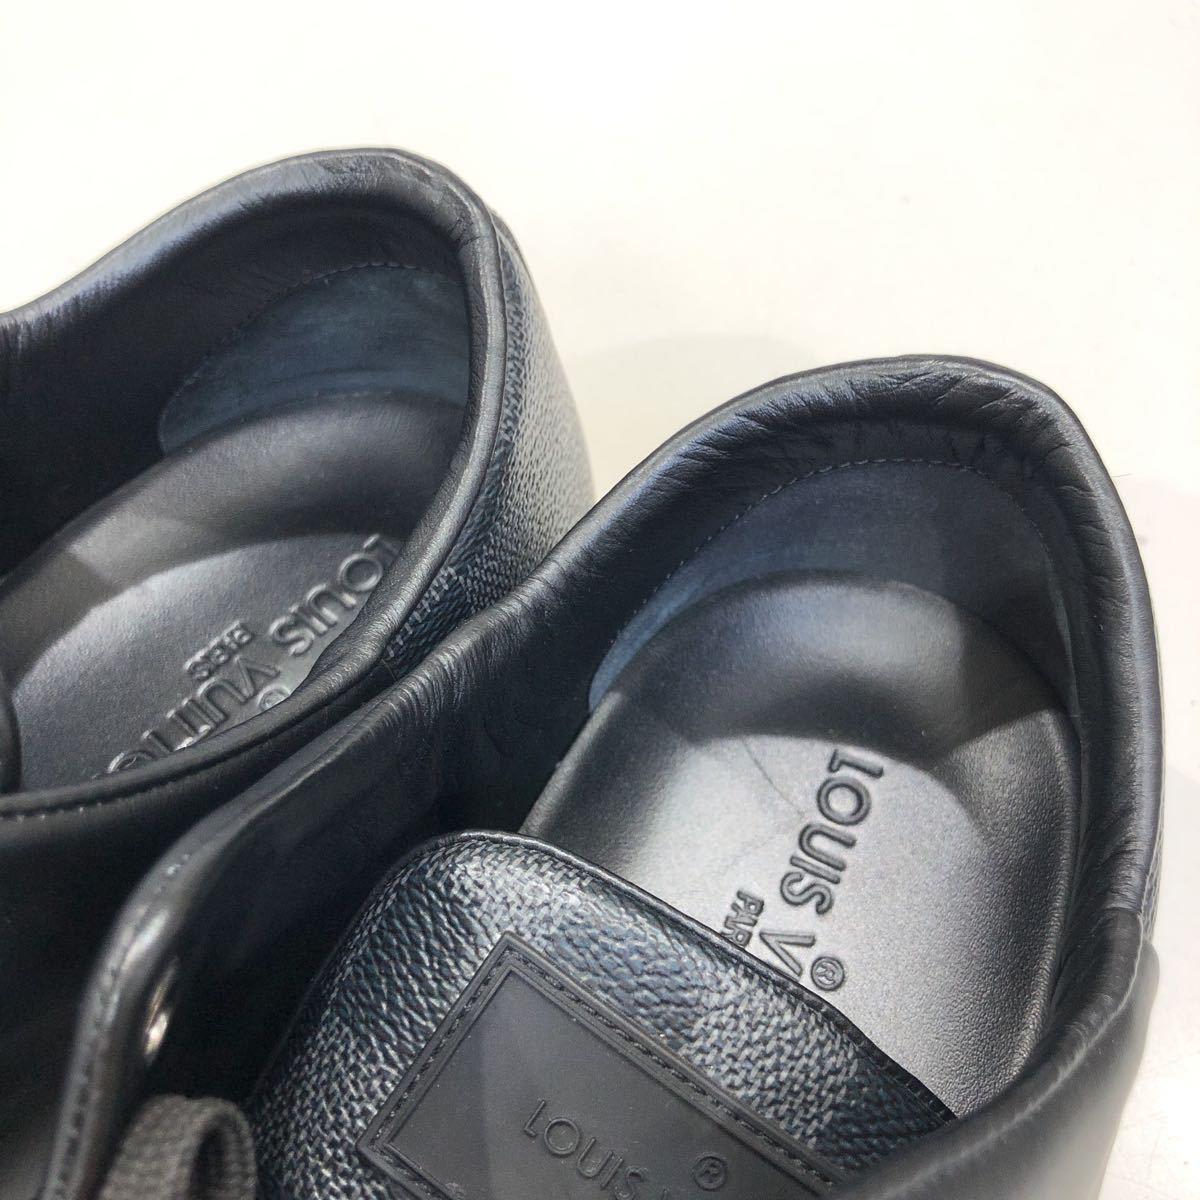 【LOUIS VUITTON】ローカットスニーカー ルイヴィトン ラインアップ ライン ダミエグラフィット レザー 靴 ブラック 黒 9 ts202109_画像8